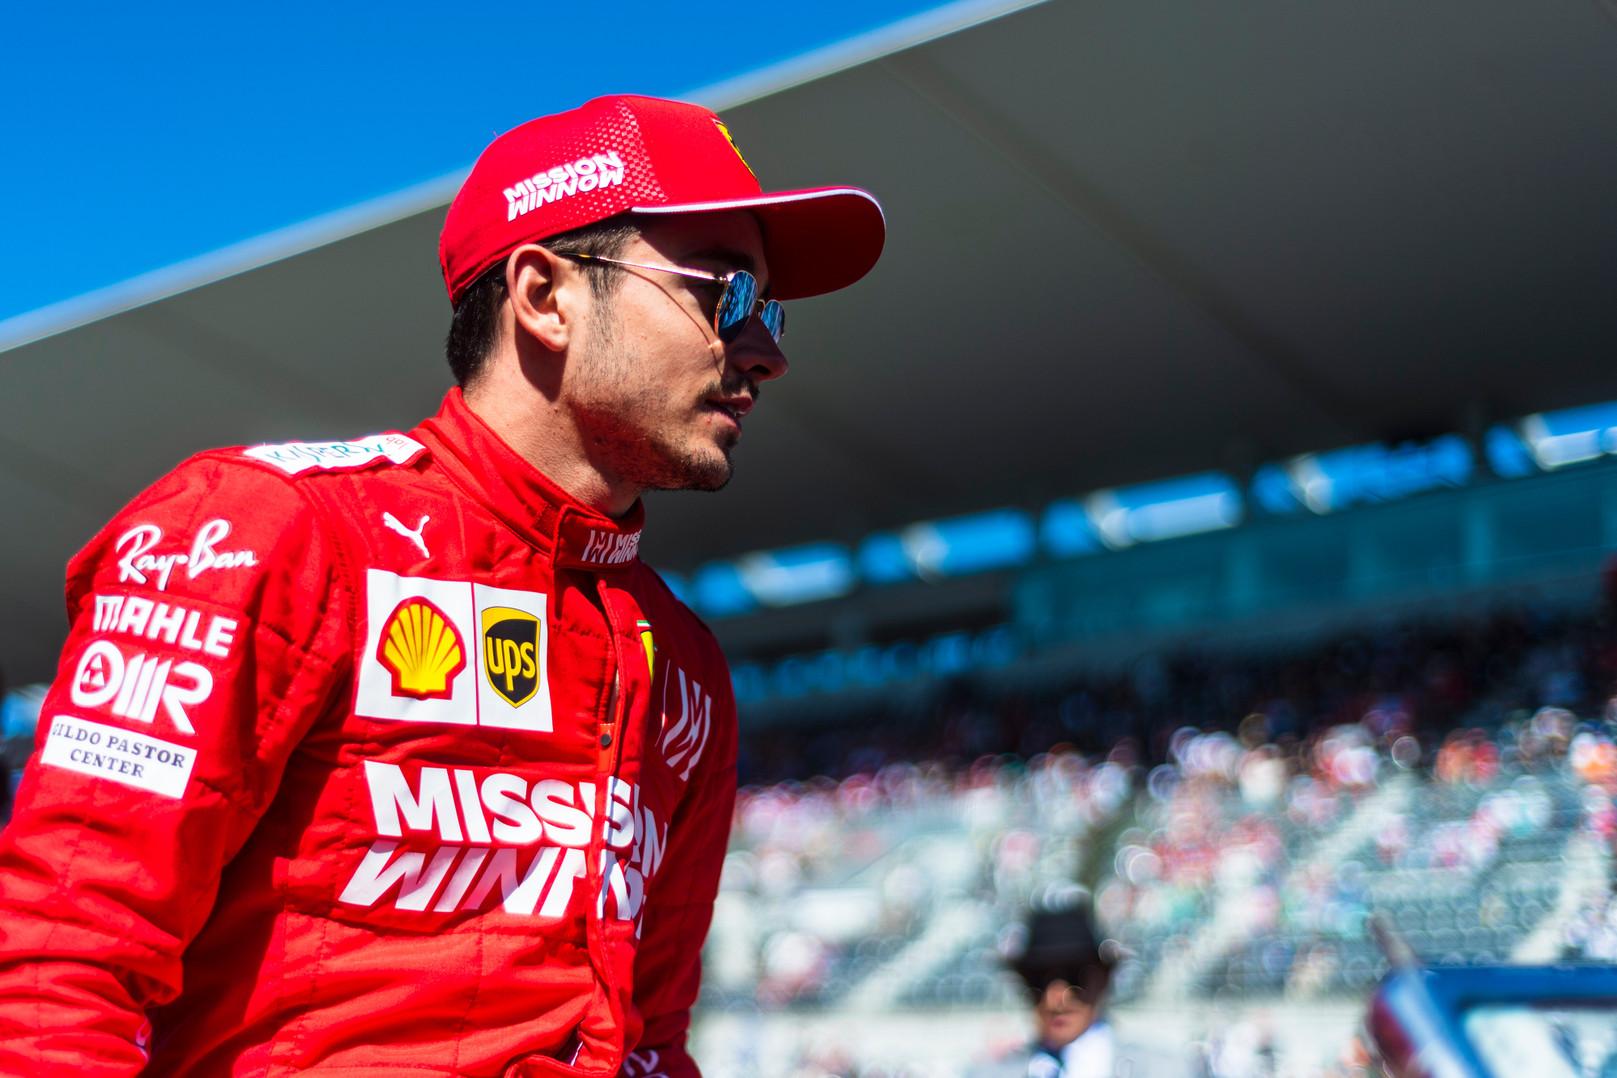 C. Leclercas iškovojo antrąją pergalę virtualiose F-1 lenktynėse, L. Norrisas ir vėl susidūrė su techniniais nesklandumais